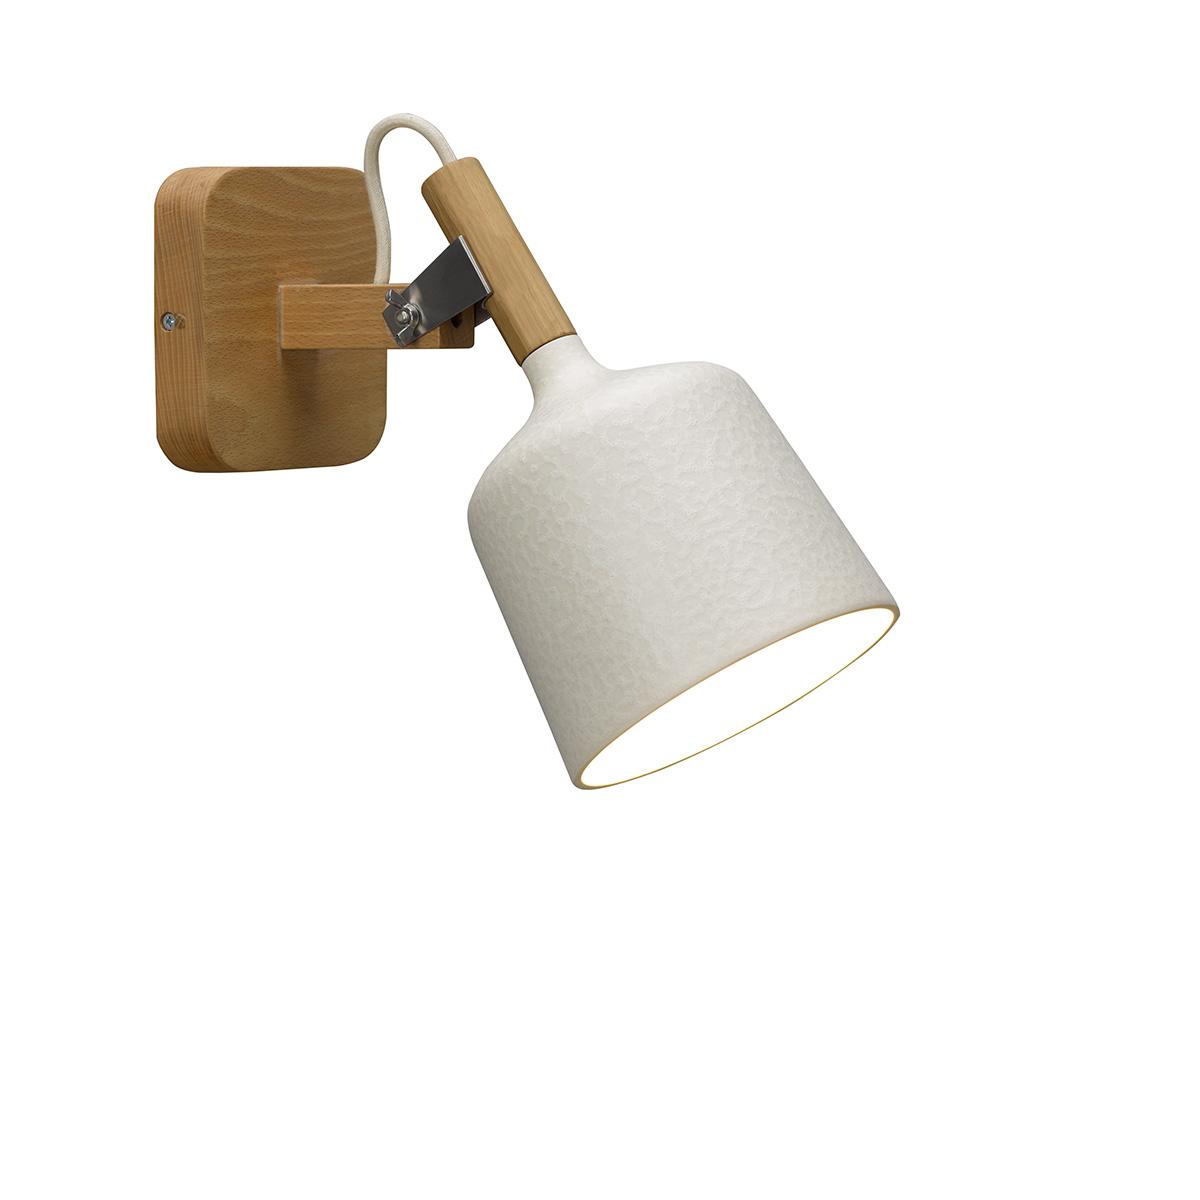 Κεραμικό φωτιστικό απλίκα DUO ceramic wall lamp